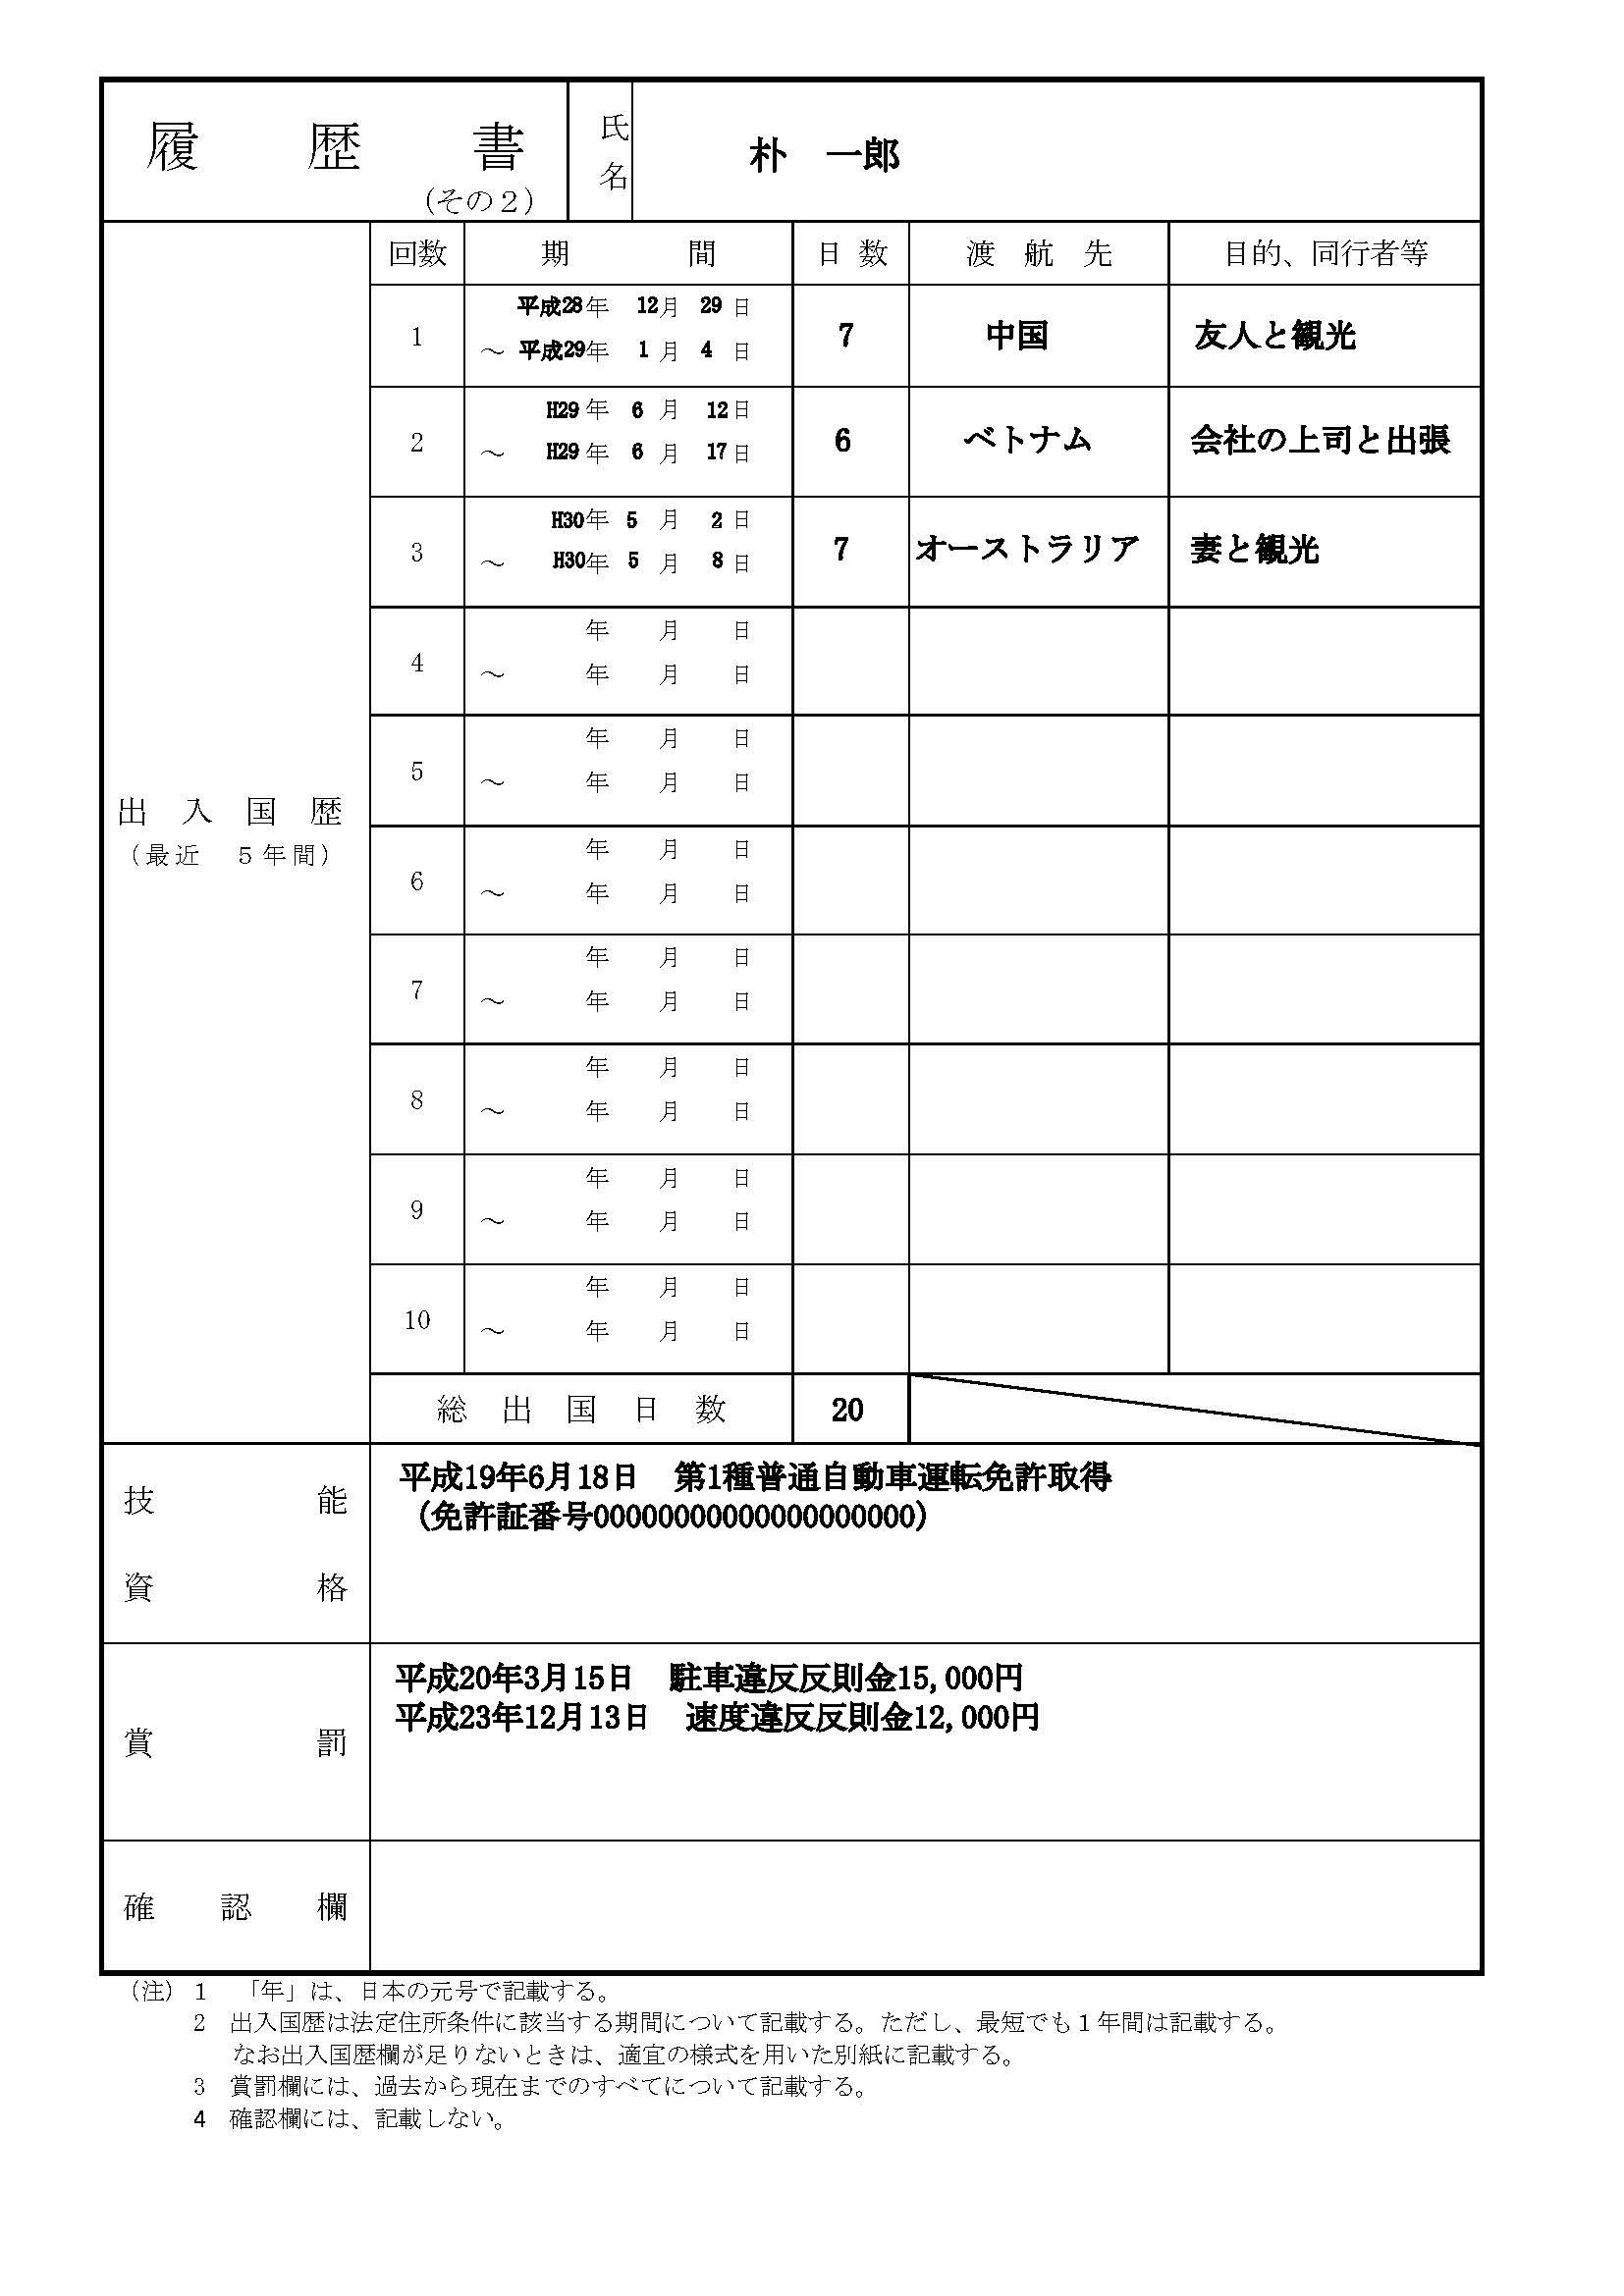 履歴 年 書 7 生まれ 平成